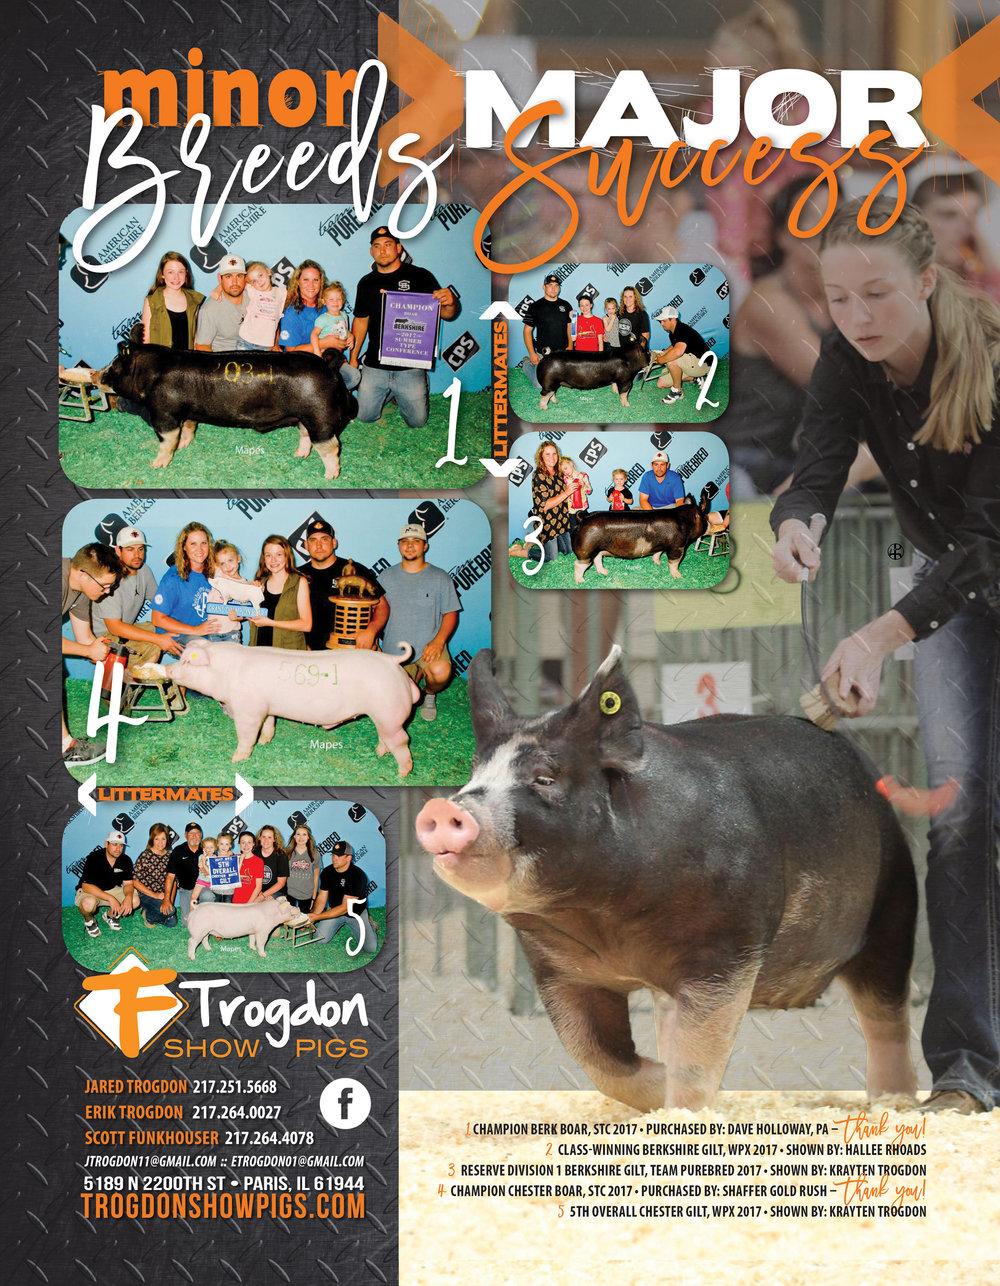 Trogdon-Show-Pigs_Su17_minorbreeds-majorsuccess-ad.jpg